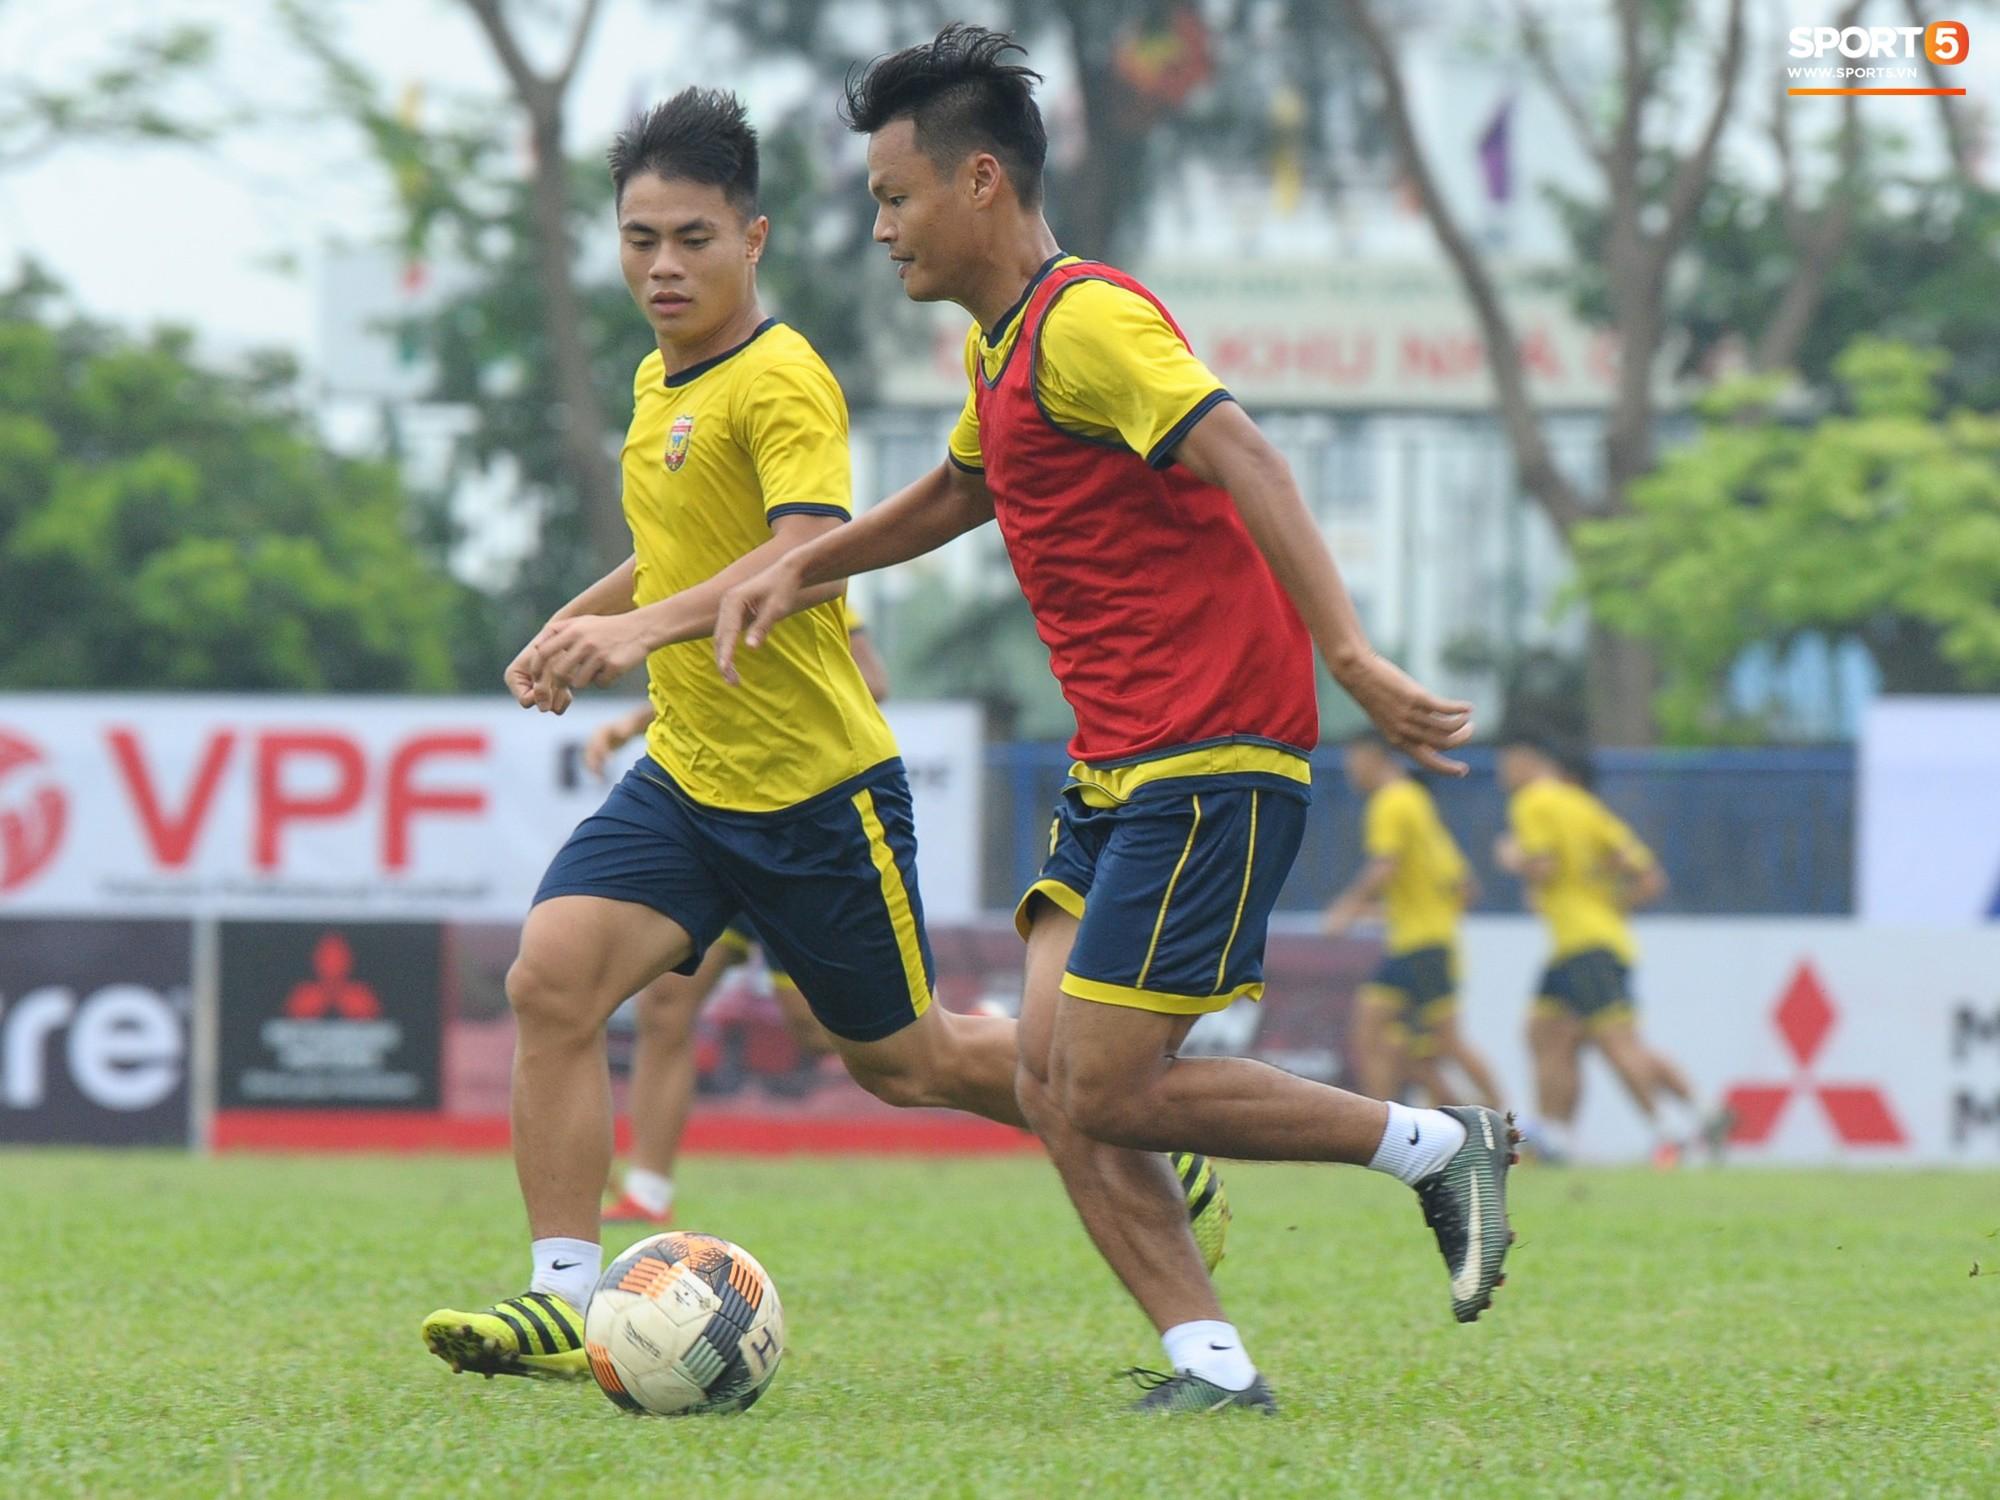 Dàn hot boy U22 Việt Nam khoác áo Hà Tĩnh FC đùa vui cực nhí nhảnh trước trận gặp Phù Đổng FC